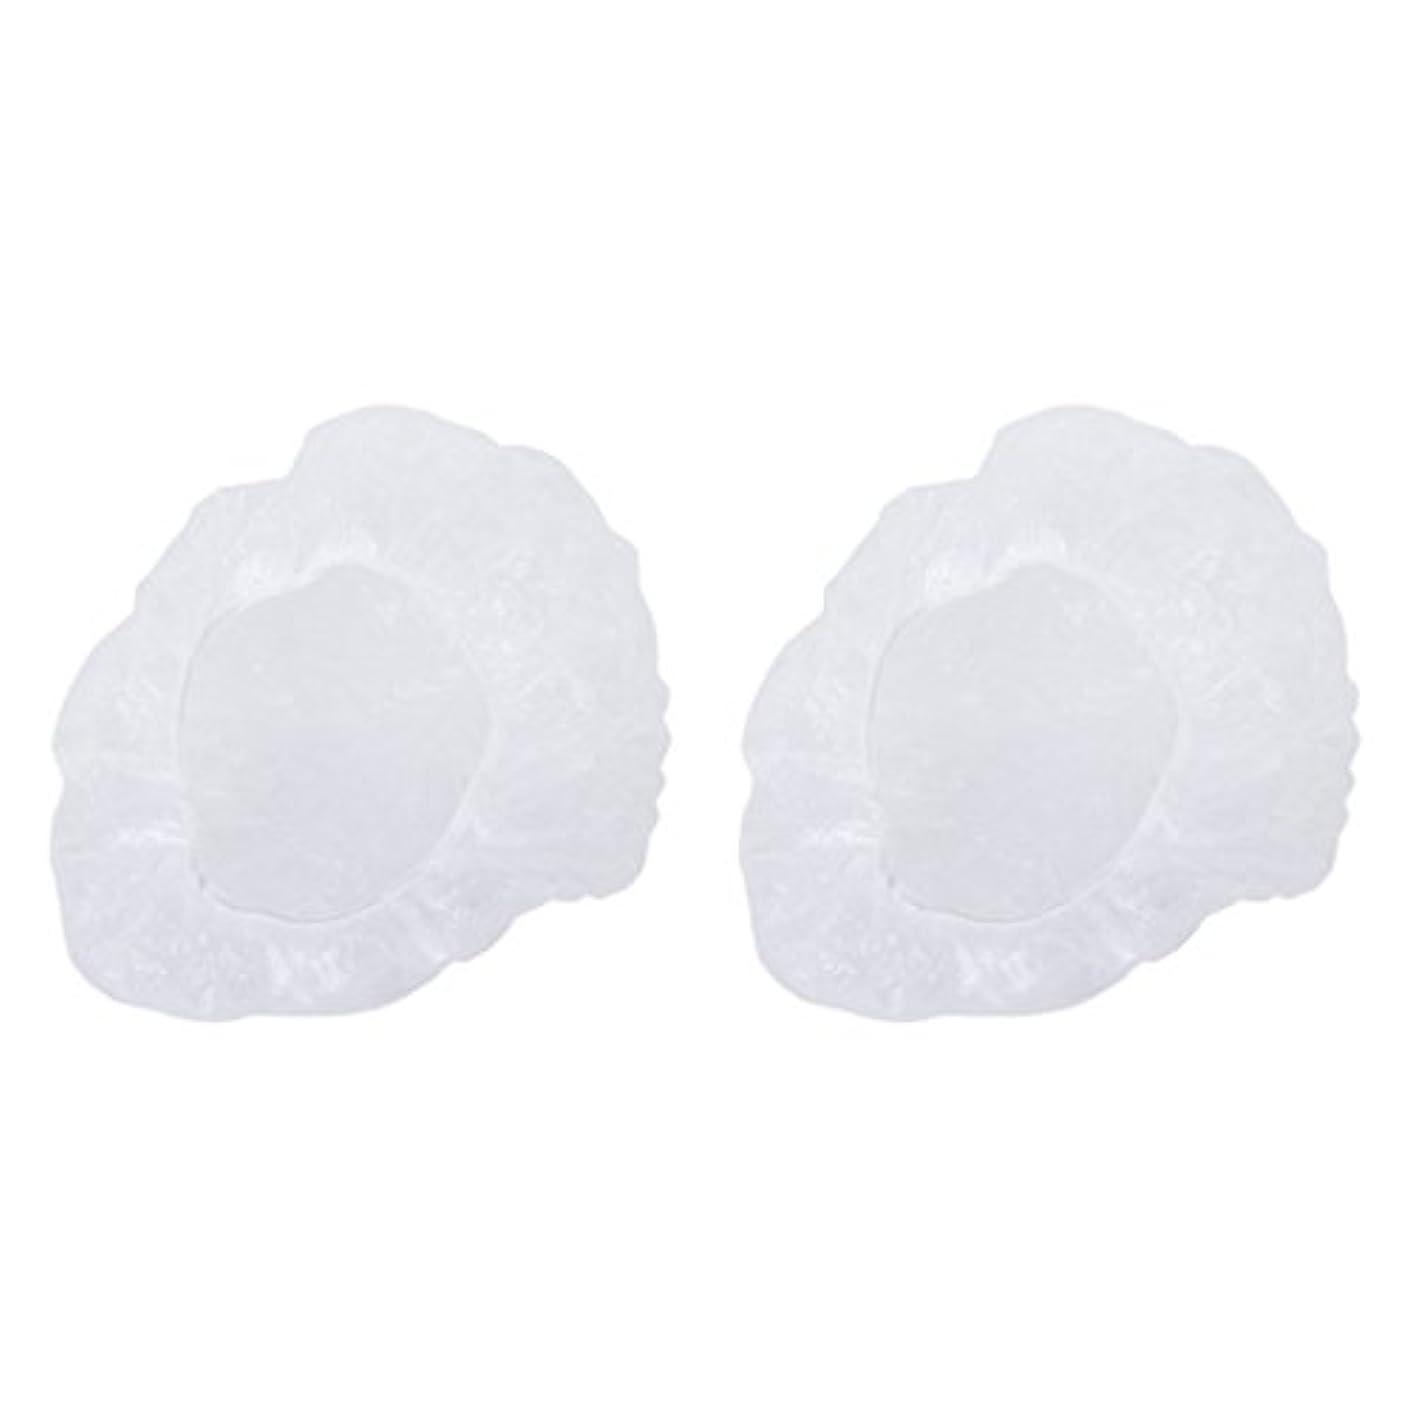 混合活性化する抑制ポリエチレン シャワーキャップ カバー 使い捨て プラスチック製 シャンプーハット 透明 200枚